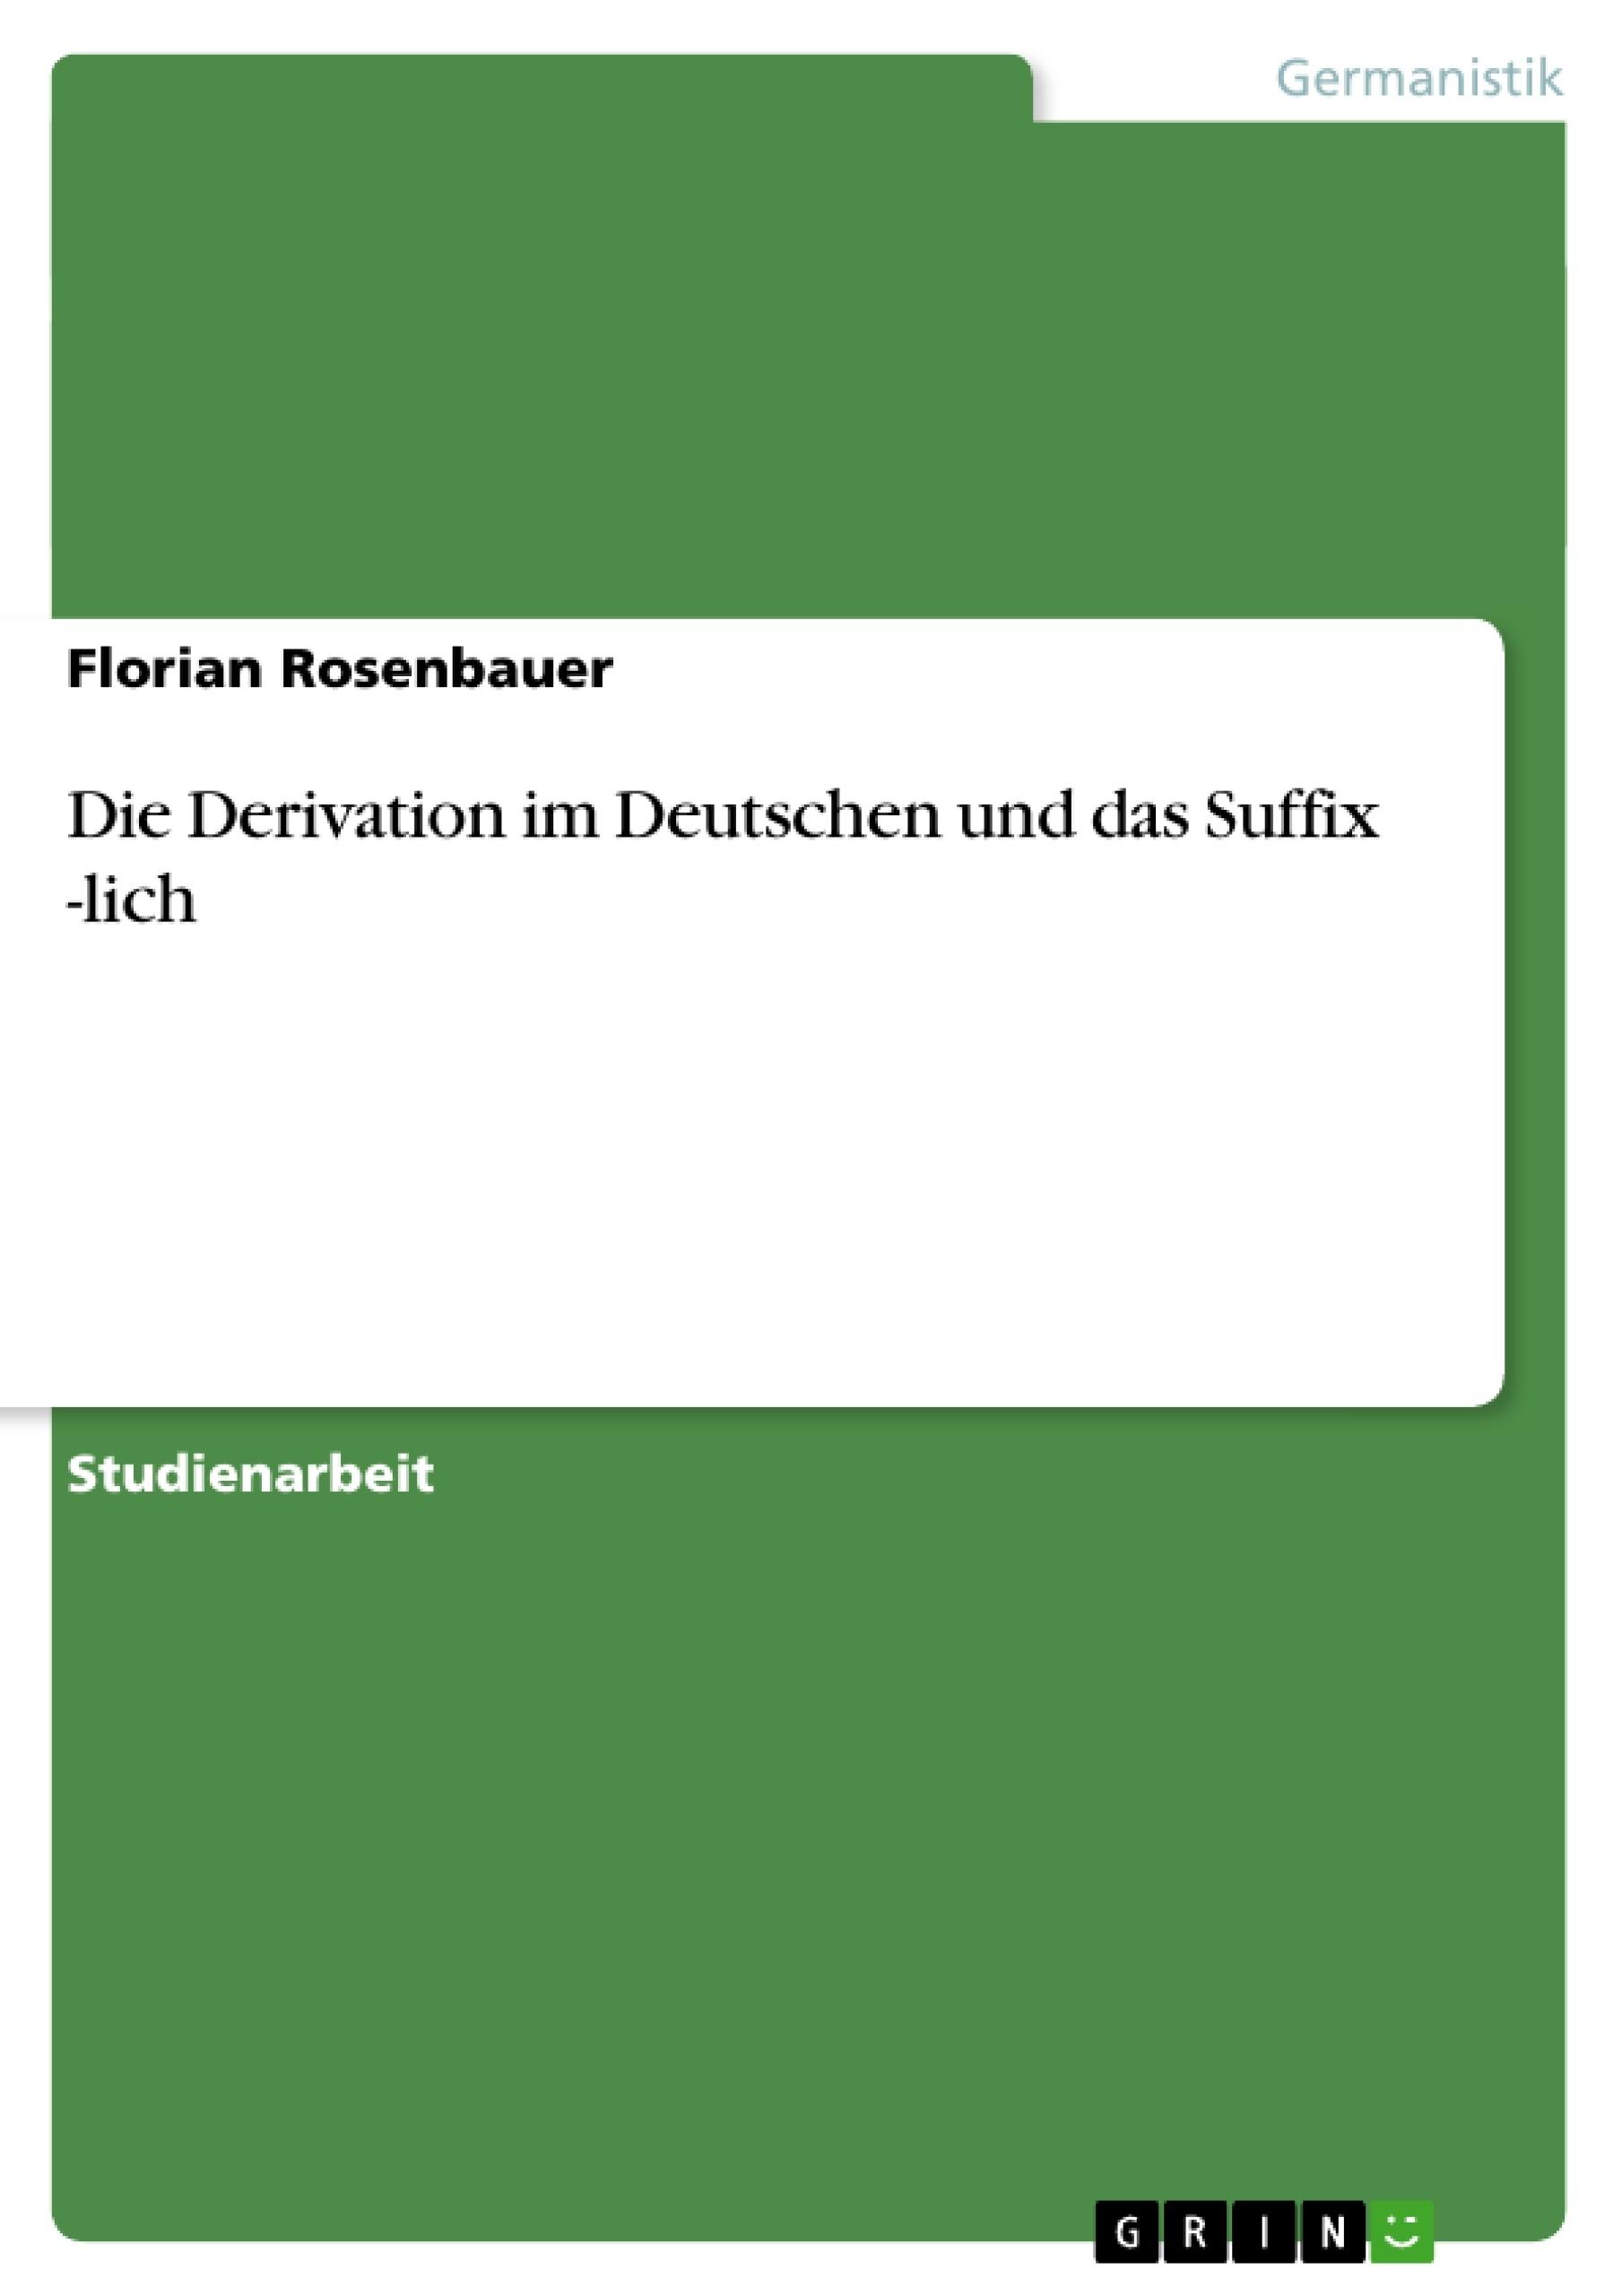 Titel: Die Derivation im Deutschen und das Suffix -lich